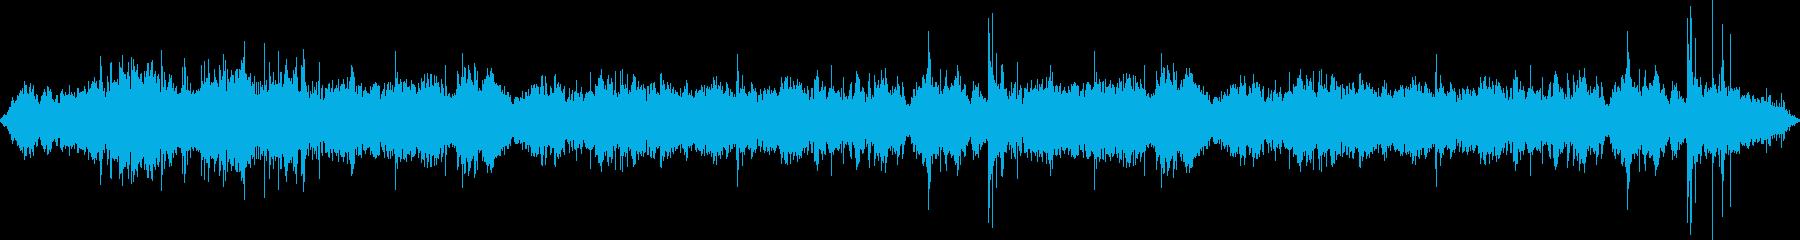 中屋内の混雑:講堂または講堂:重い...の再生済みの波形